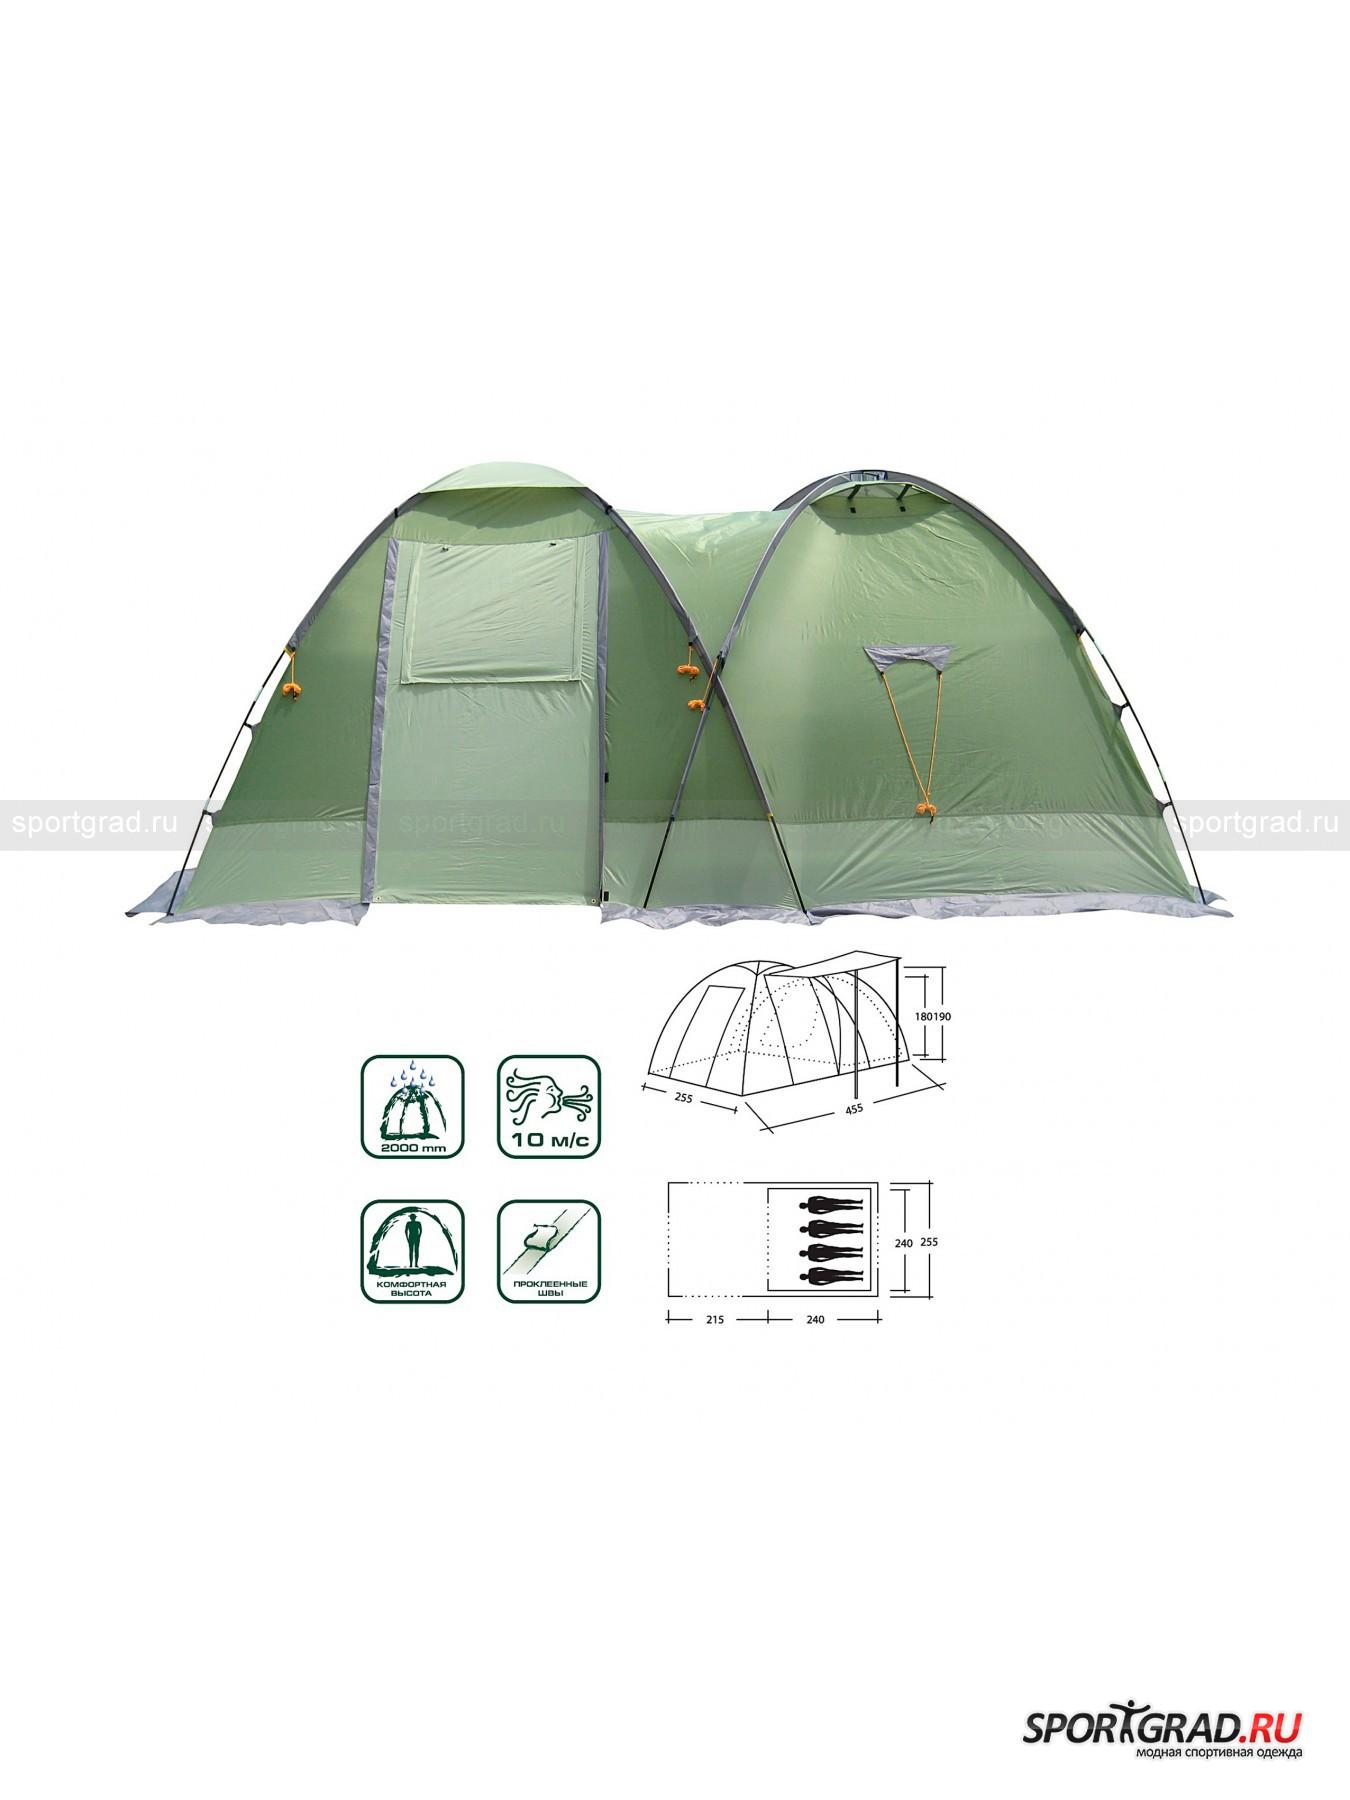 Палатка Toscana 400 MOON CAMP от Спортград